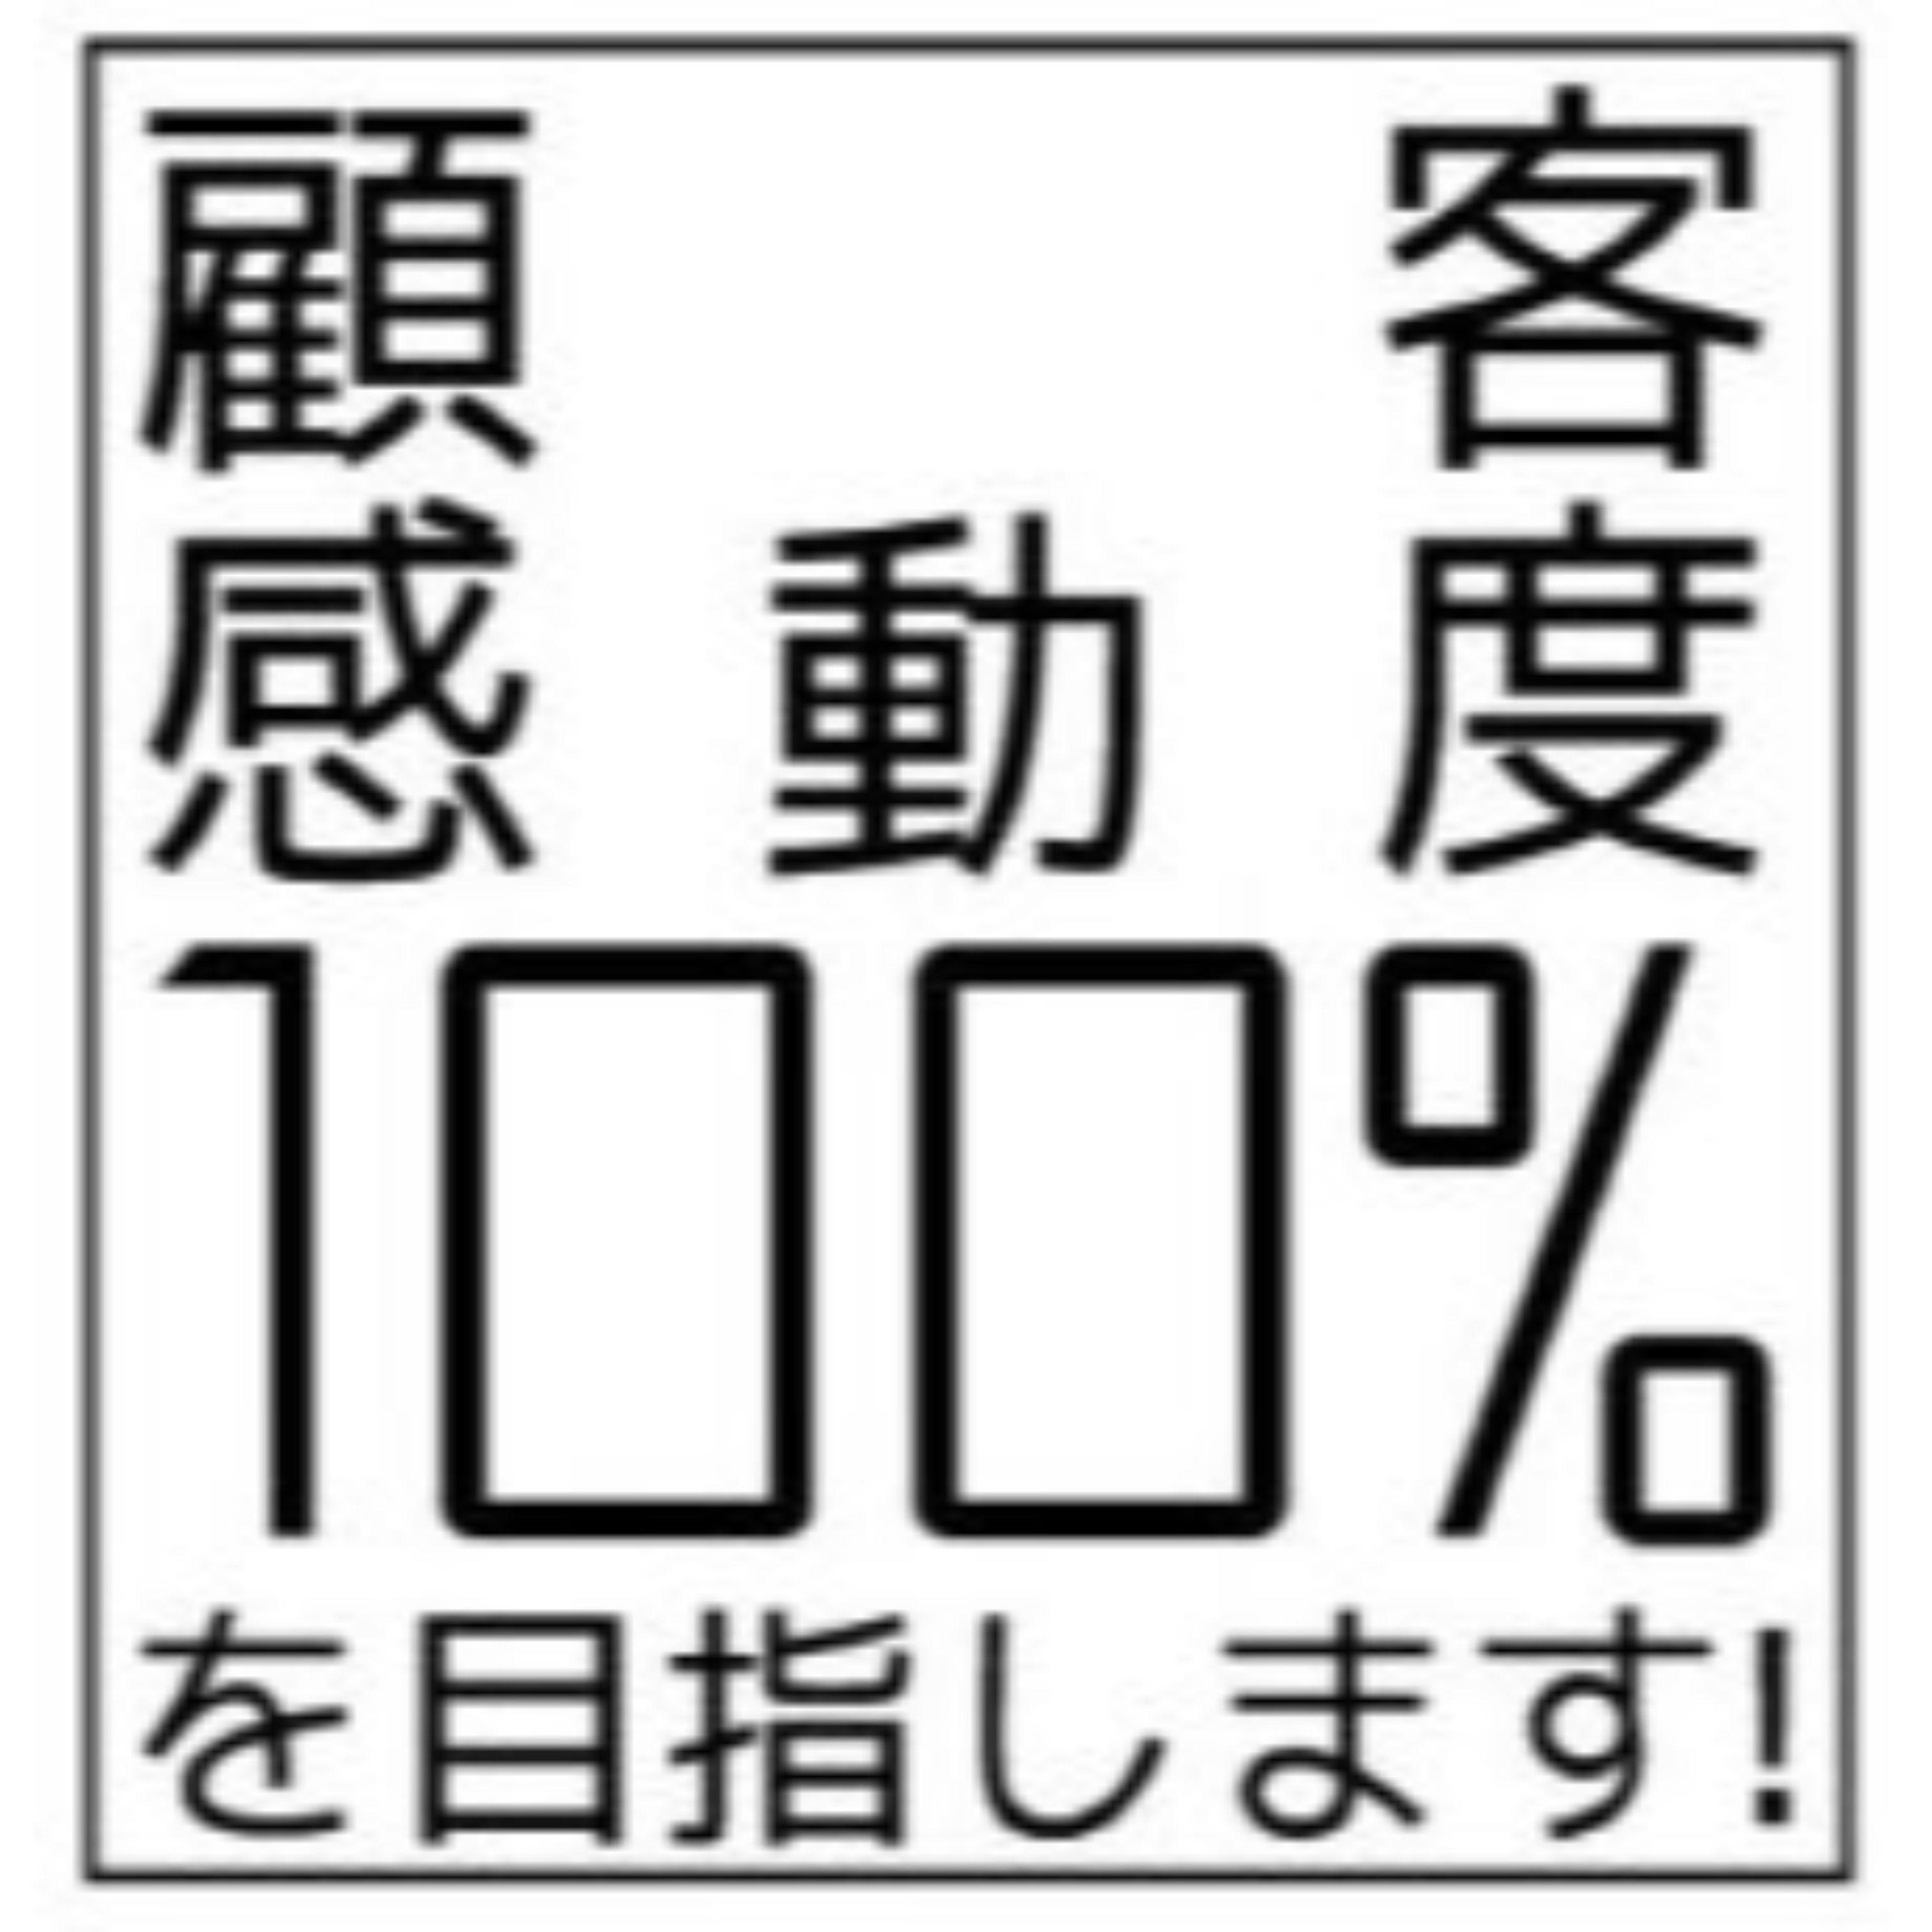 株式会社 メイクワン